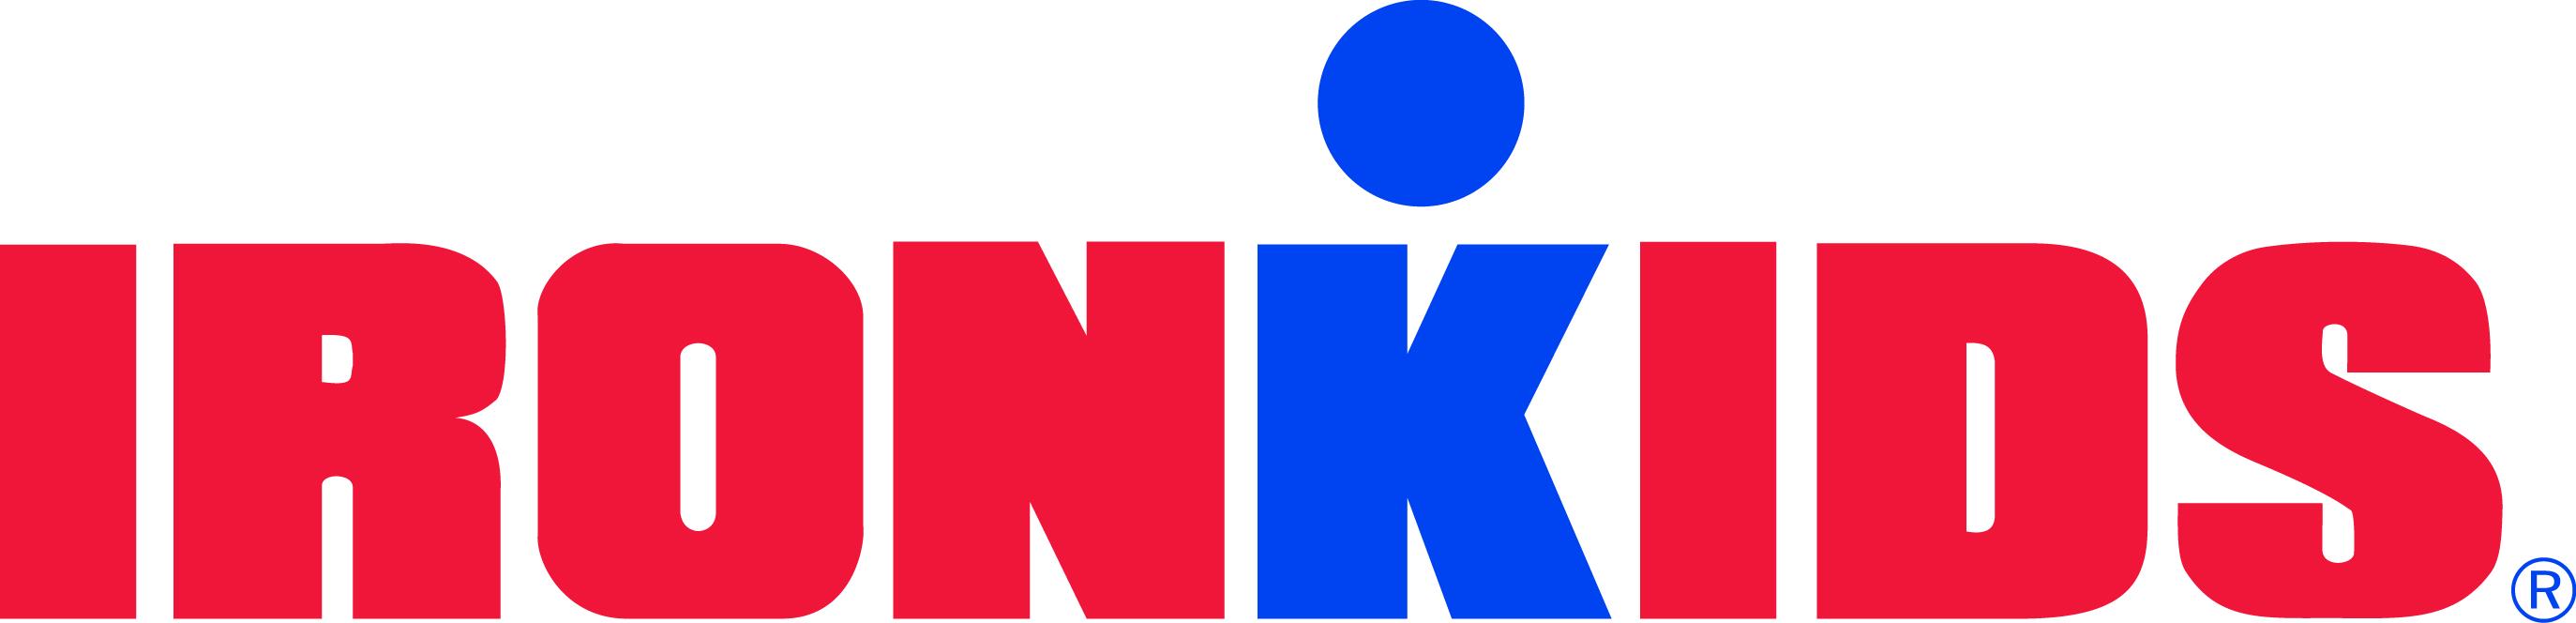 red-ironkids-logo-blue-k-dot-hr.jpg